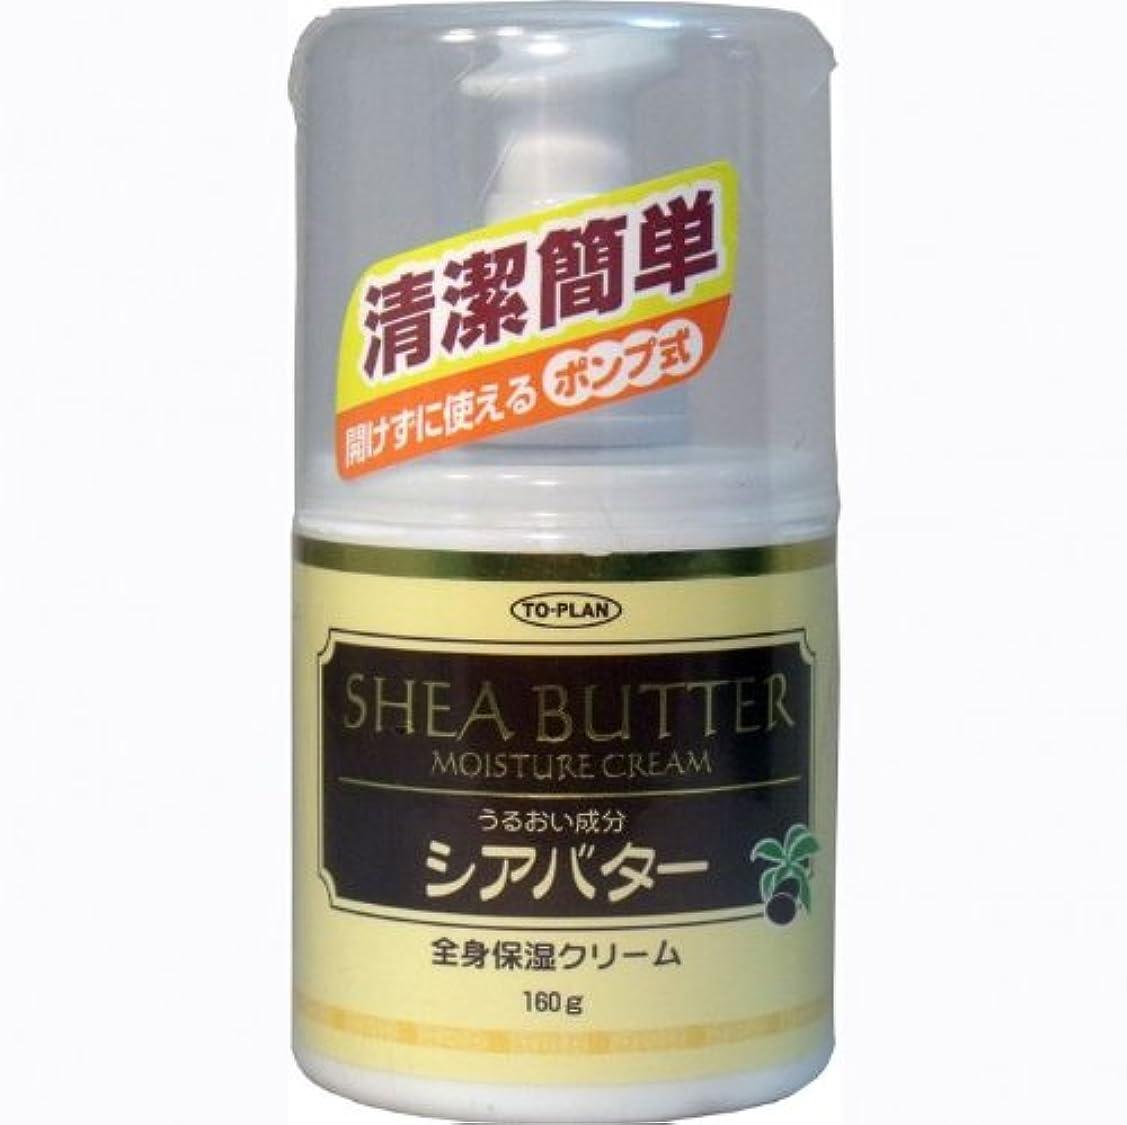 福祉スキニーユニークなトプラン 全身保湿クリーム シアバター ポンプ式 160g【4個セット】